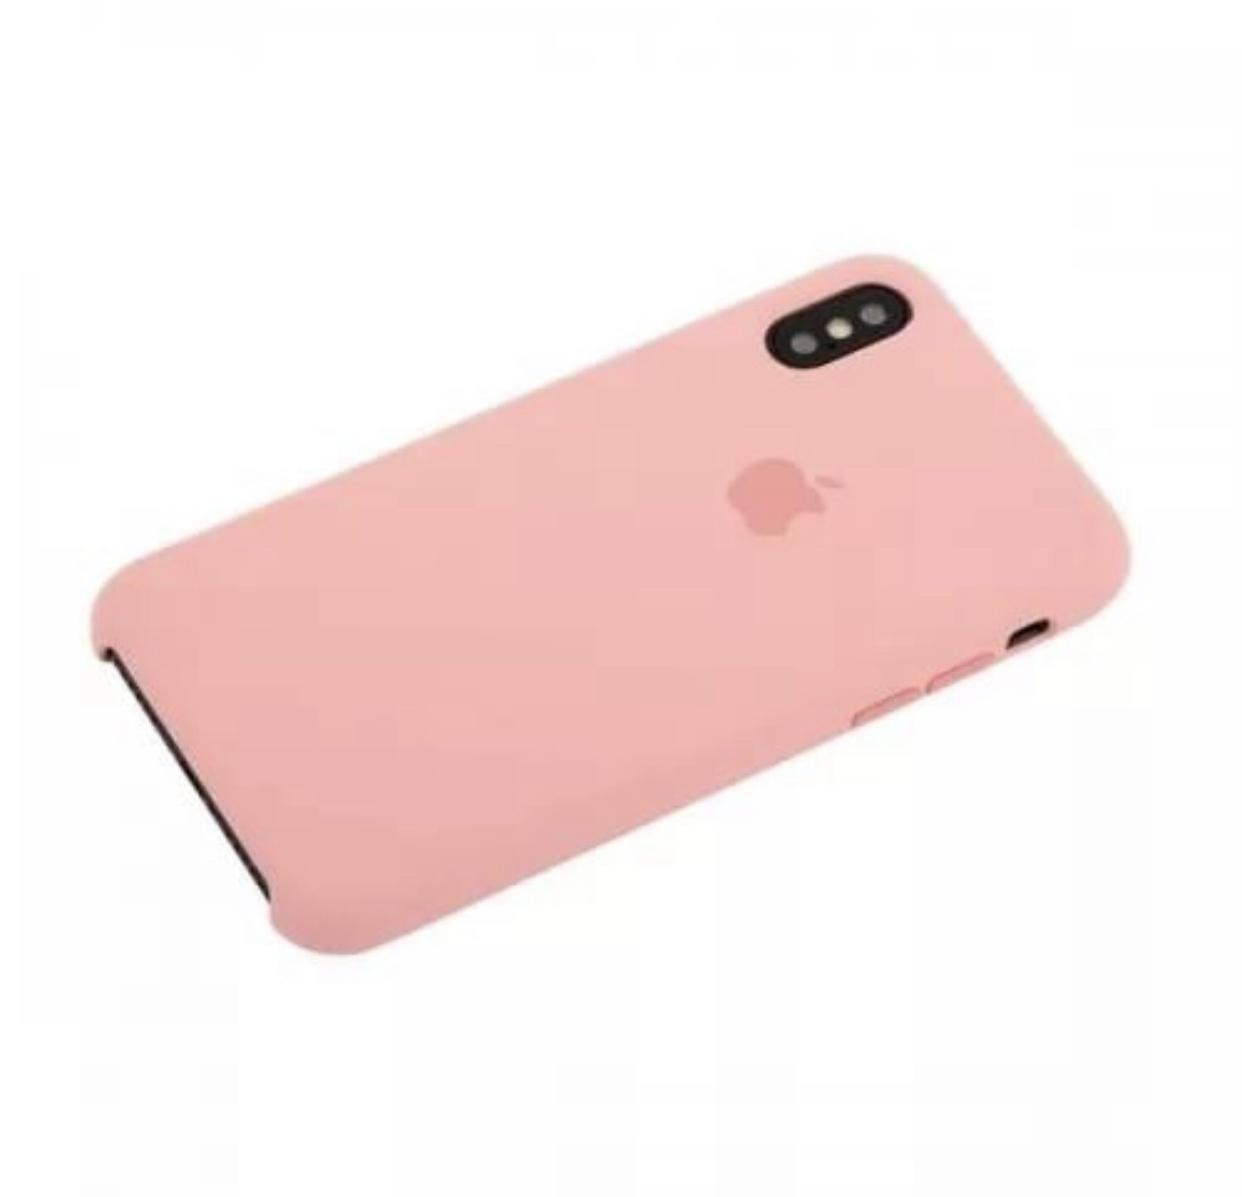 Чехол для сотового телефона Hoco Силиконовый XS светло-розовый, СT-2021, светло-розовый